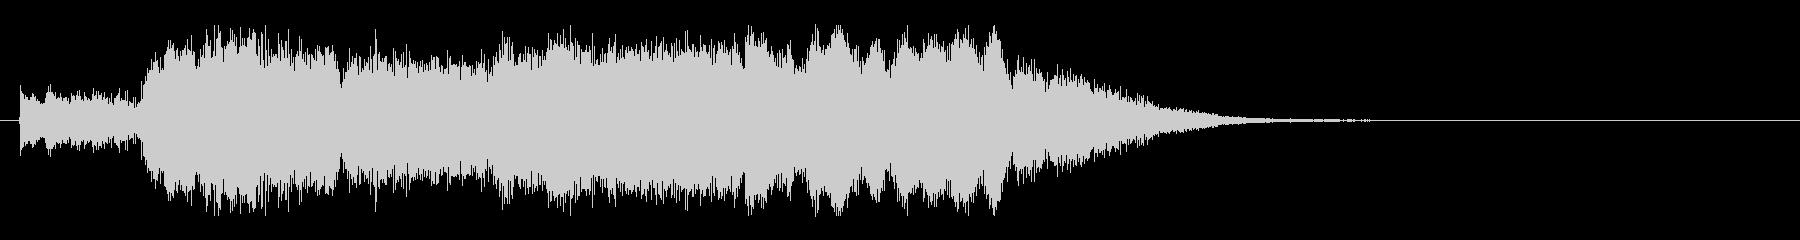 ファンタジー感溢れるジングル1の未再生の波形